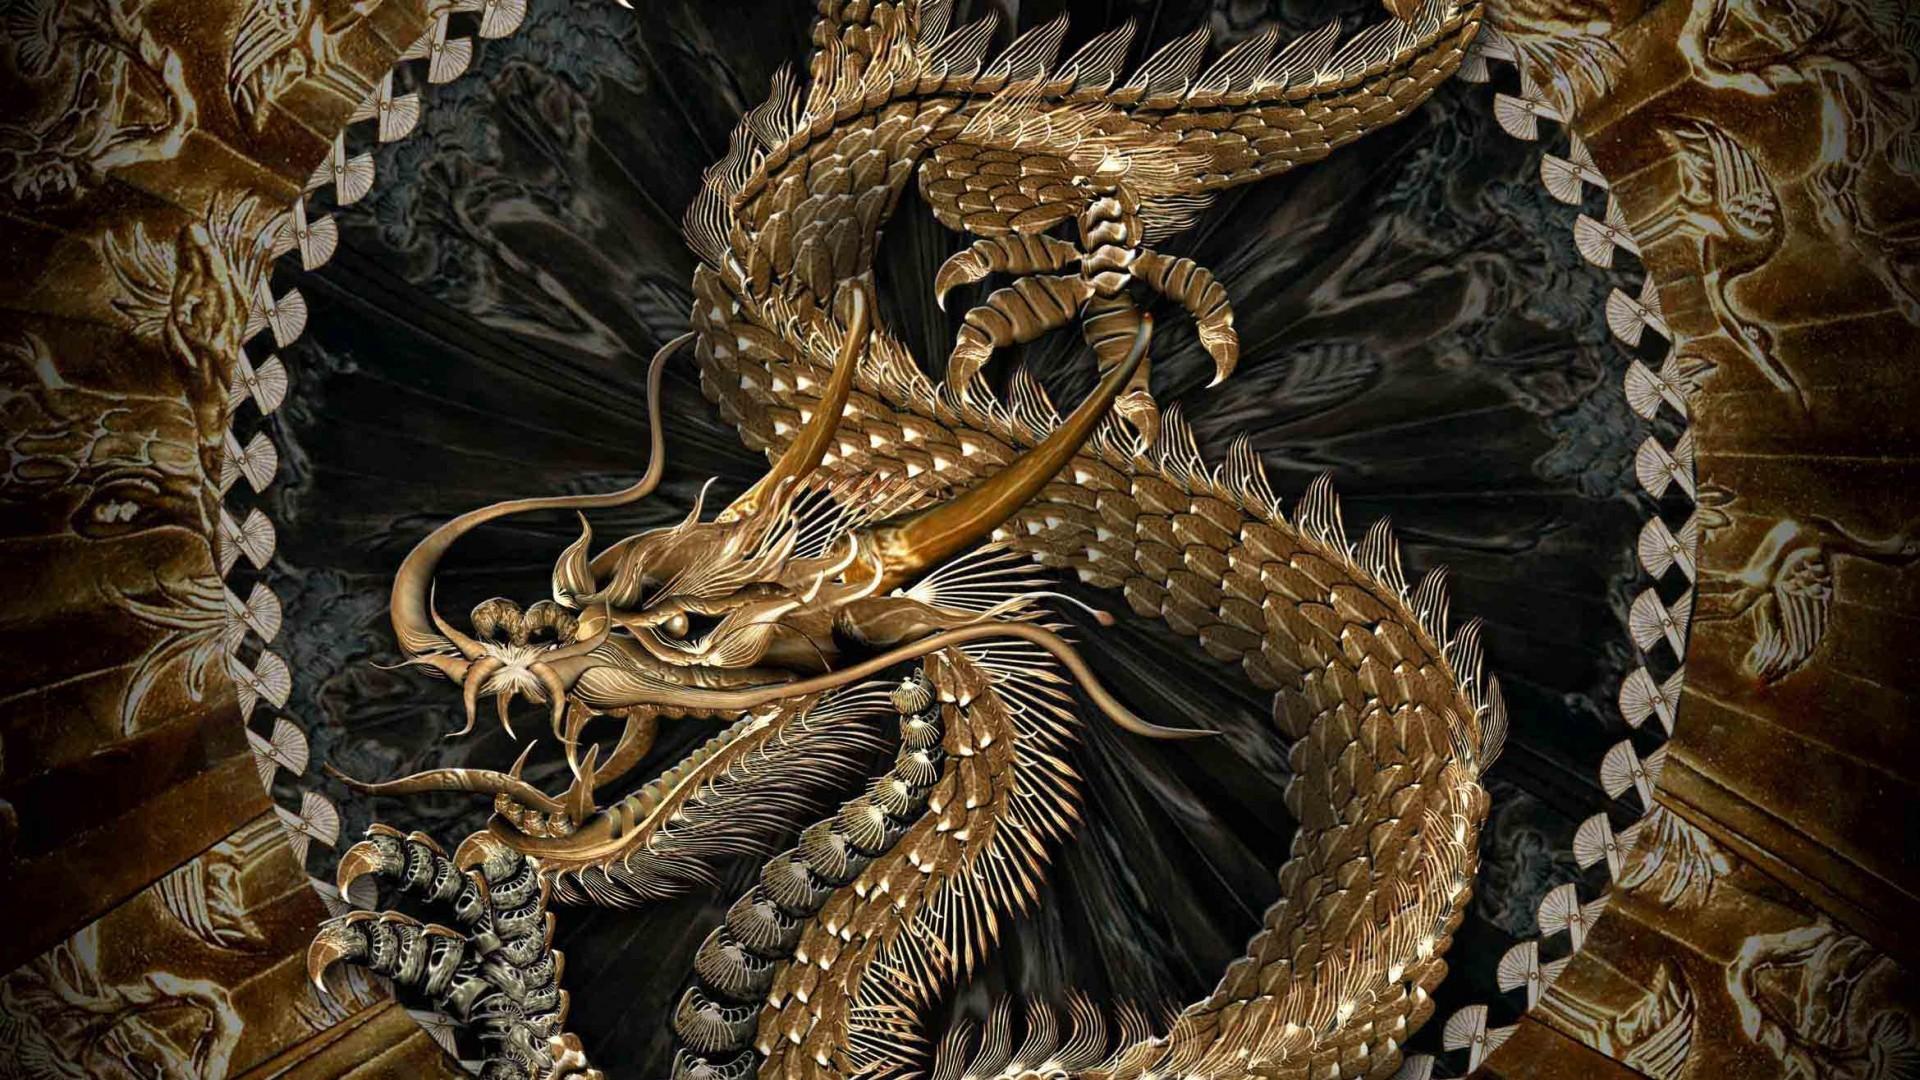 Dragon Wallpaper hd 1080p wallpaper Dragon Wallpaper hd 1080p hd 1920x1080